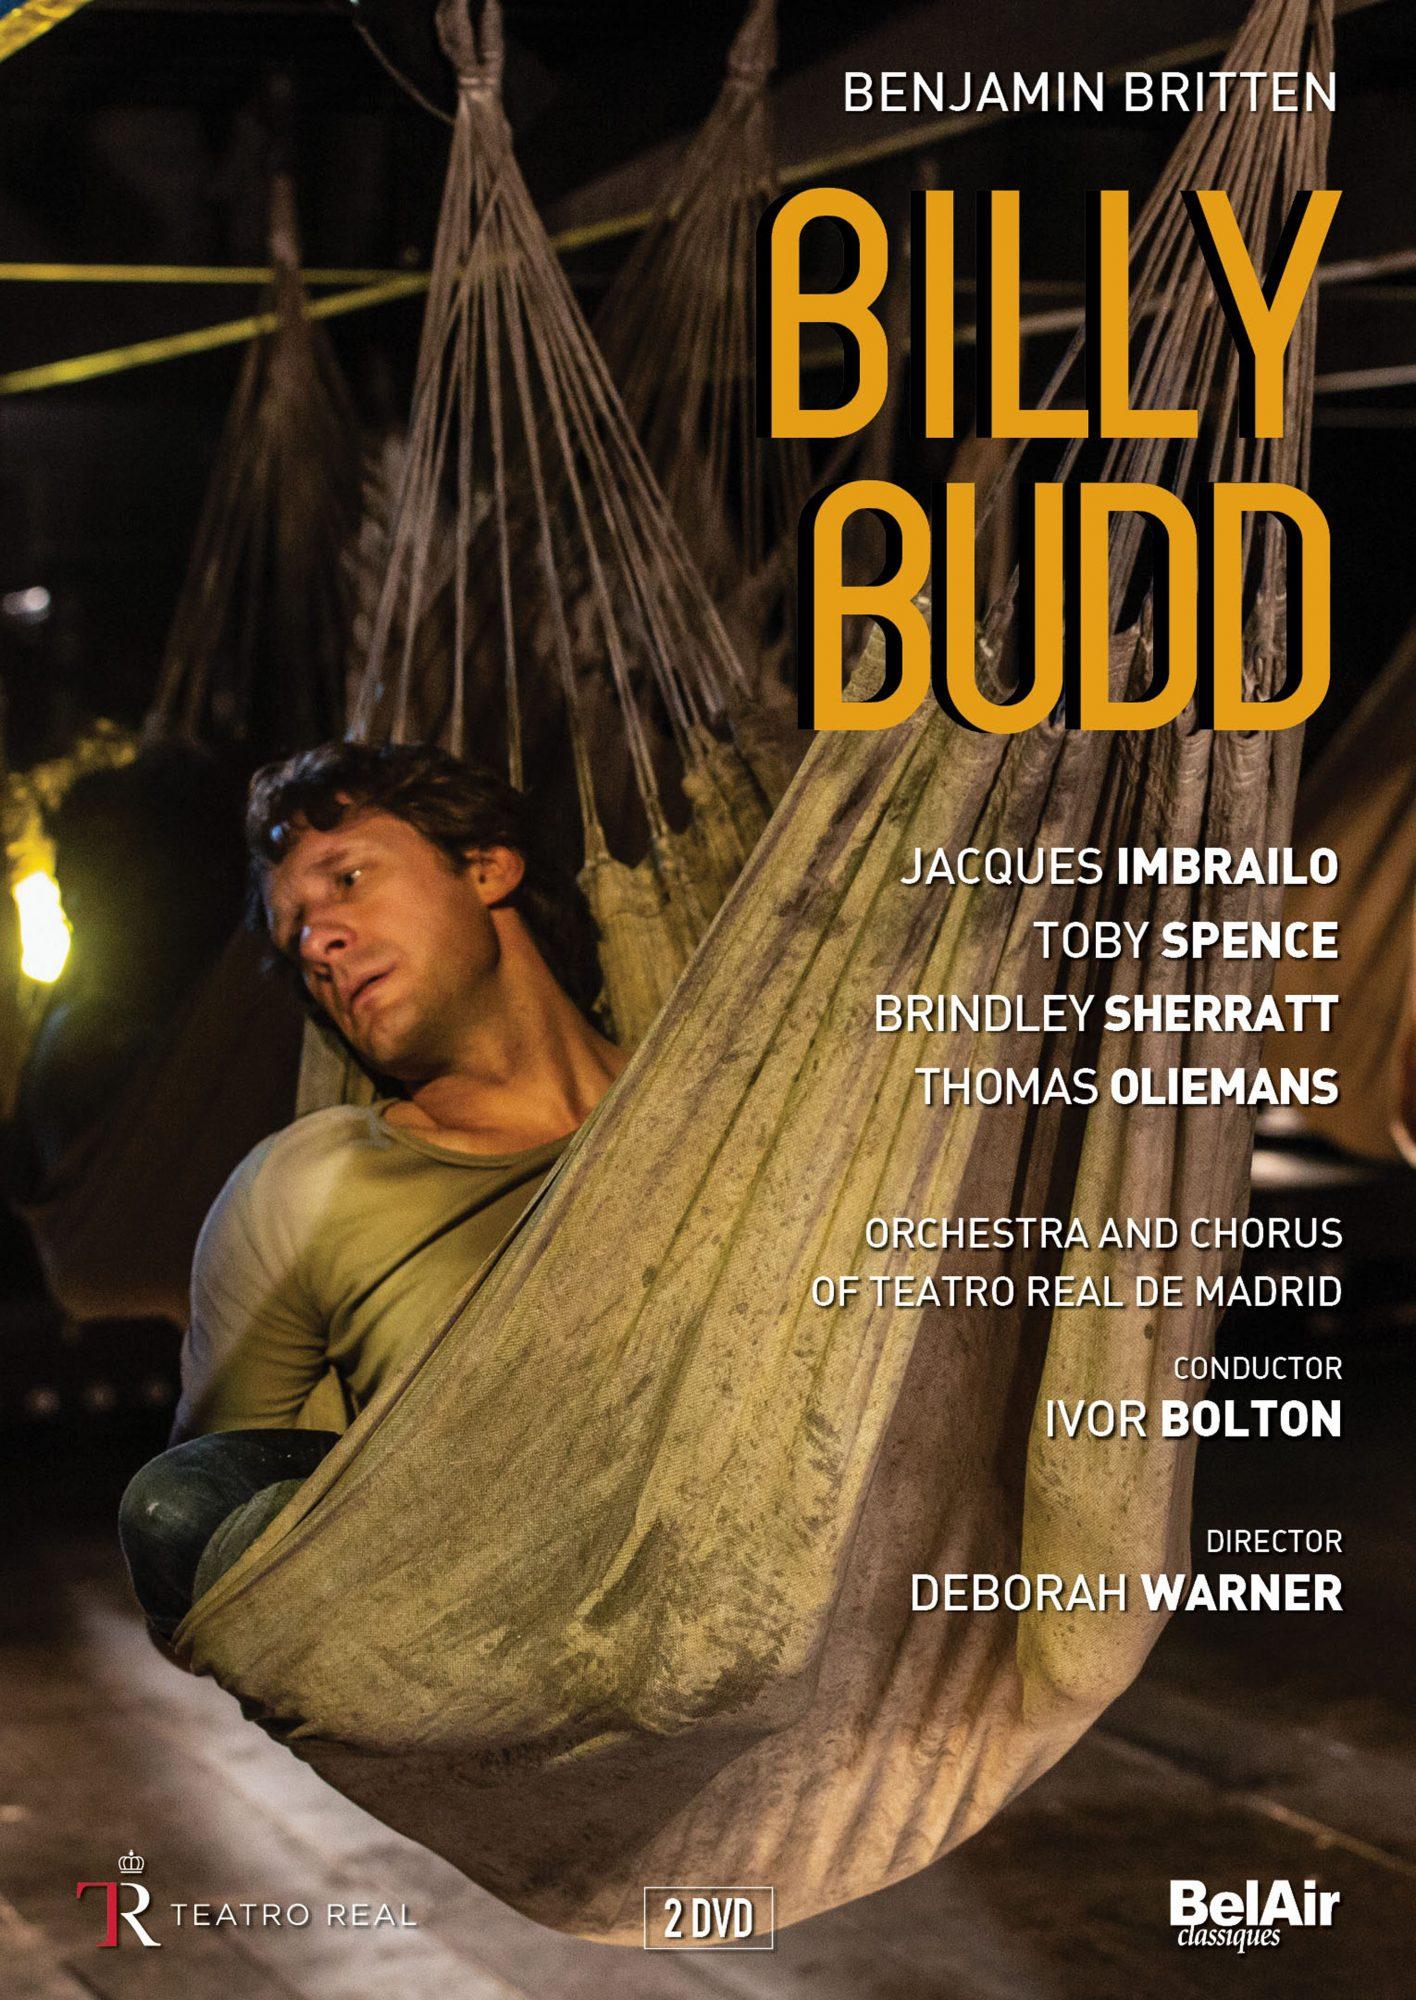 Billy Budd - Parce que l'opéra n'est pas forcément leur truc, votre famille appréciera forcément ce spectacle admirablement capté en DVD. La conviction des comédiens-chanteurs est telle que l'on ne fait plus la différence avec le théâtre. Impossible de ne pas succomber à la forte émotion suscitée par l'histoire de ce jeune matelot bègue avec cette mise en scène qui est une référence absolue pour tous.Billy Budd, Britten - Deborah Warner/Ivor Bolton (Bel Air Classiques)